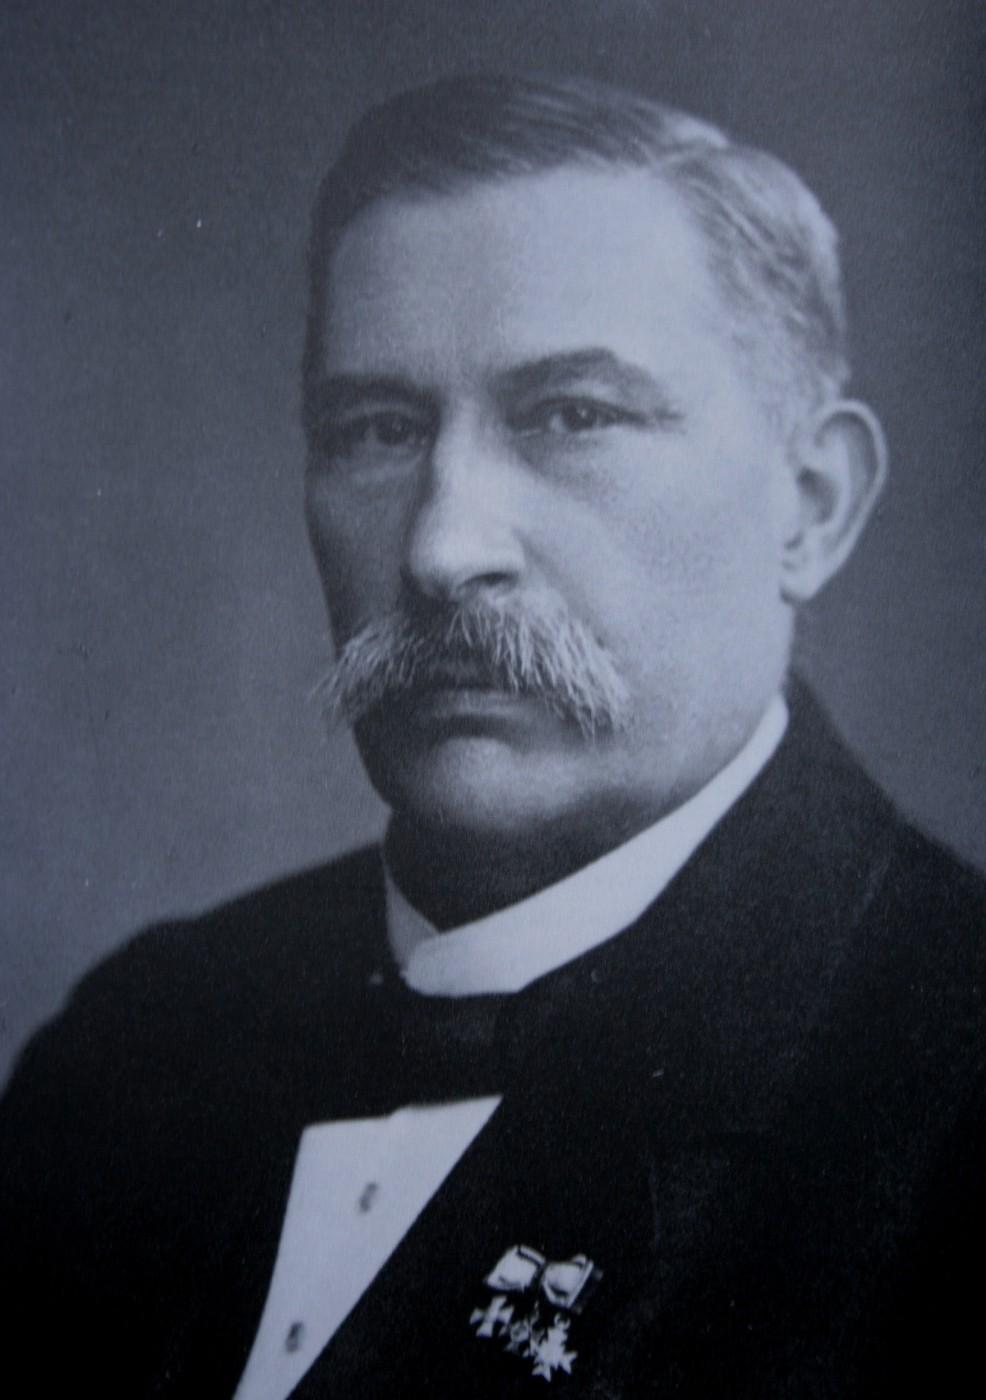 ErnstKalkuhl